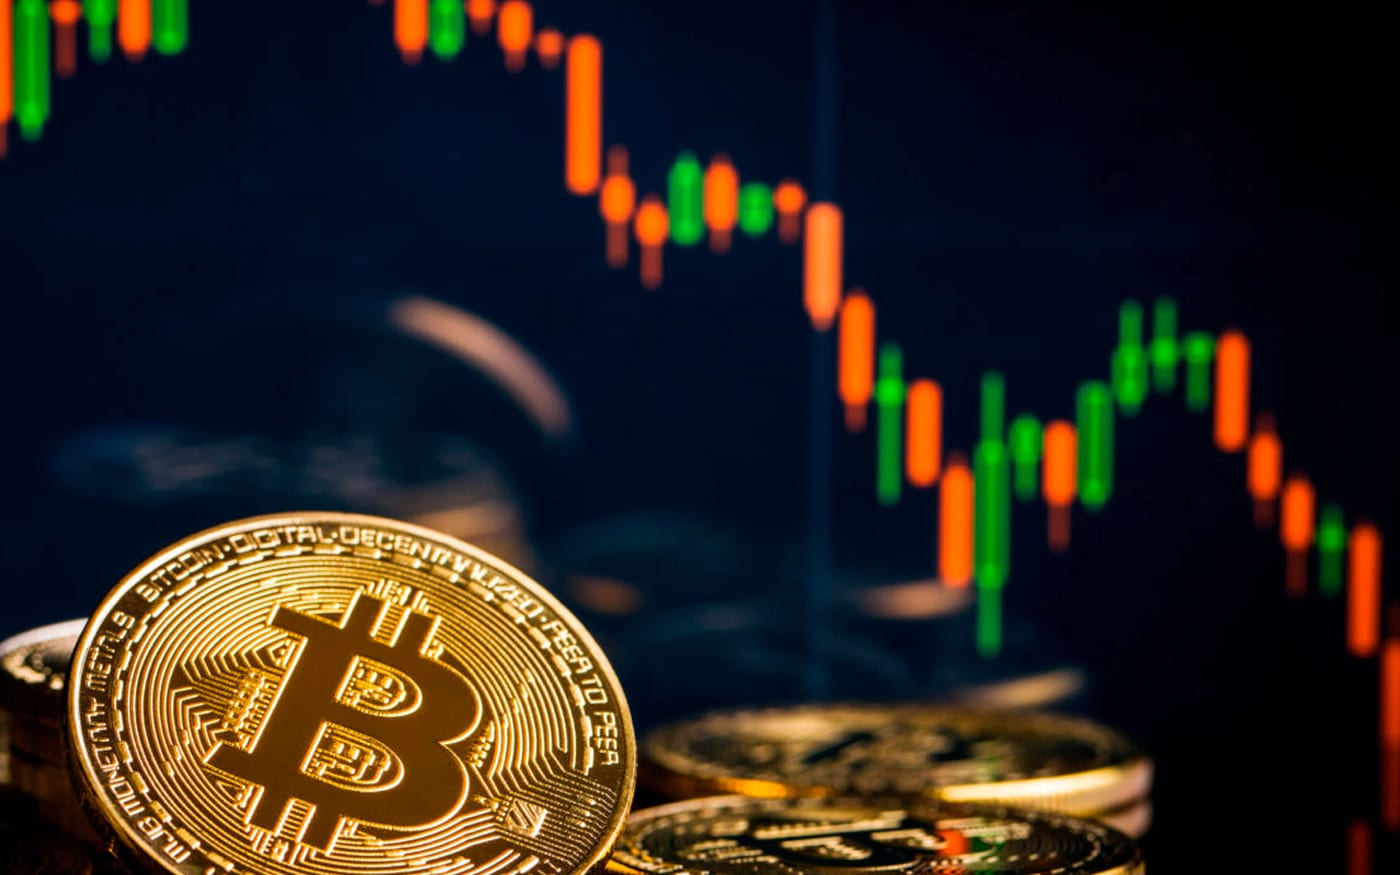 Bitcoin cai mais de 10% à medida que cresce o exame sobre o Libra do Facebook